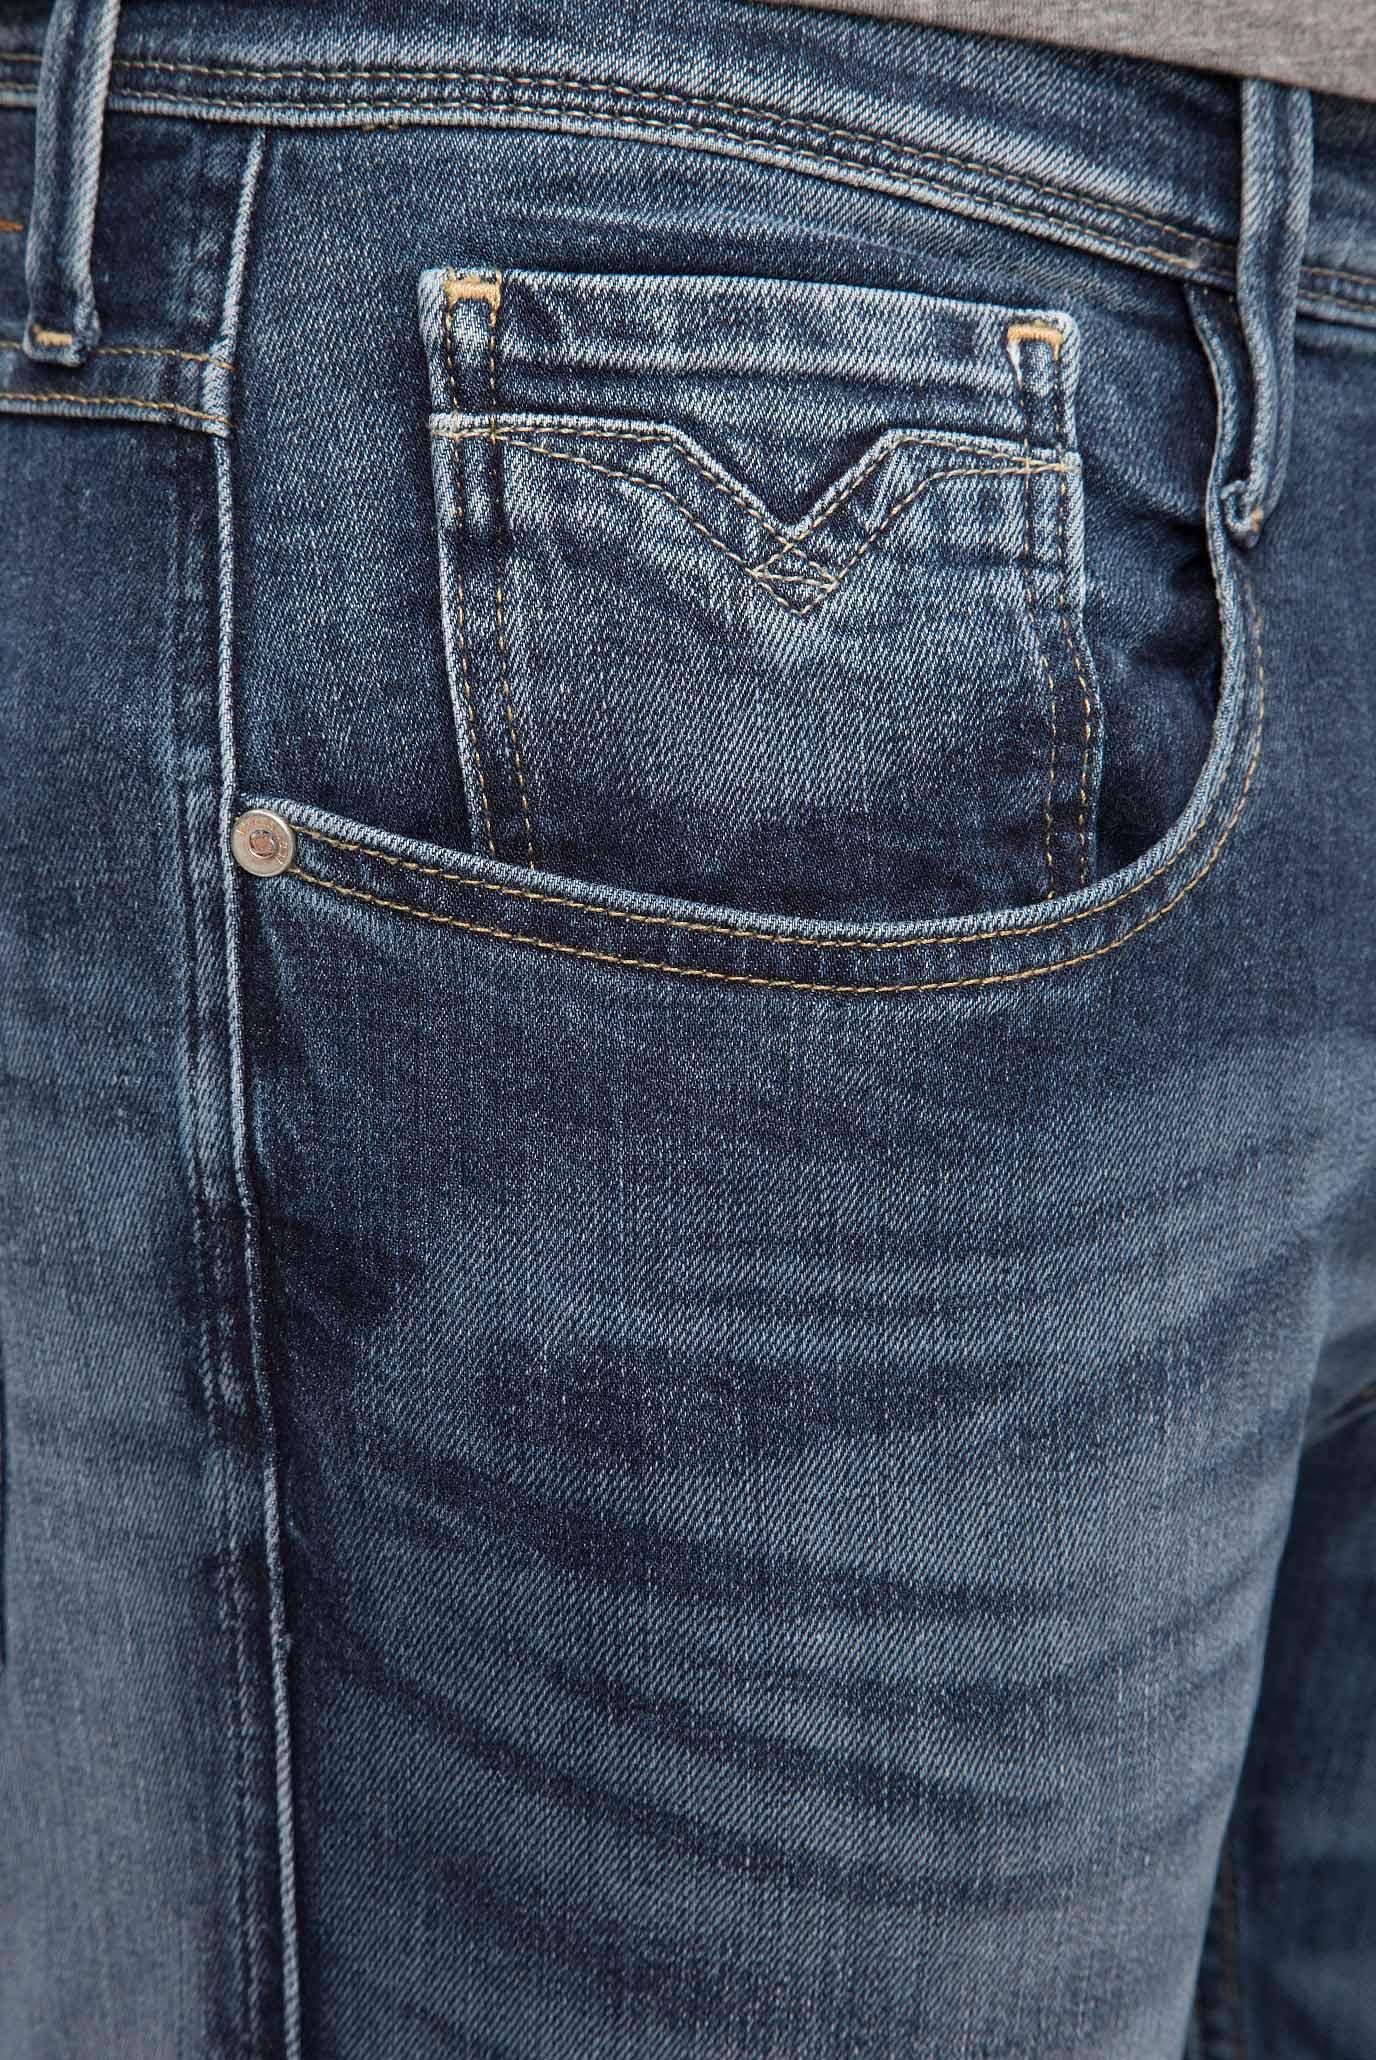 Купить Мужские синие джинсы ANBASS Replay Replay M914F .000.573 164 – Киев, Украина. Цены в интернет магазине MD Fashion